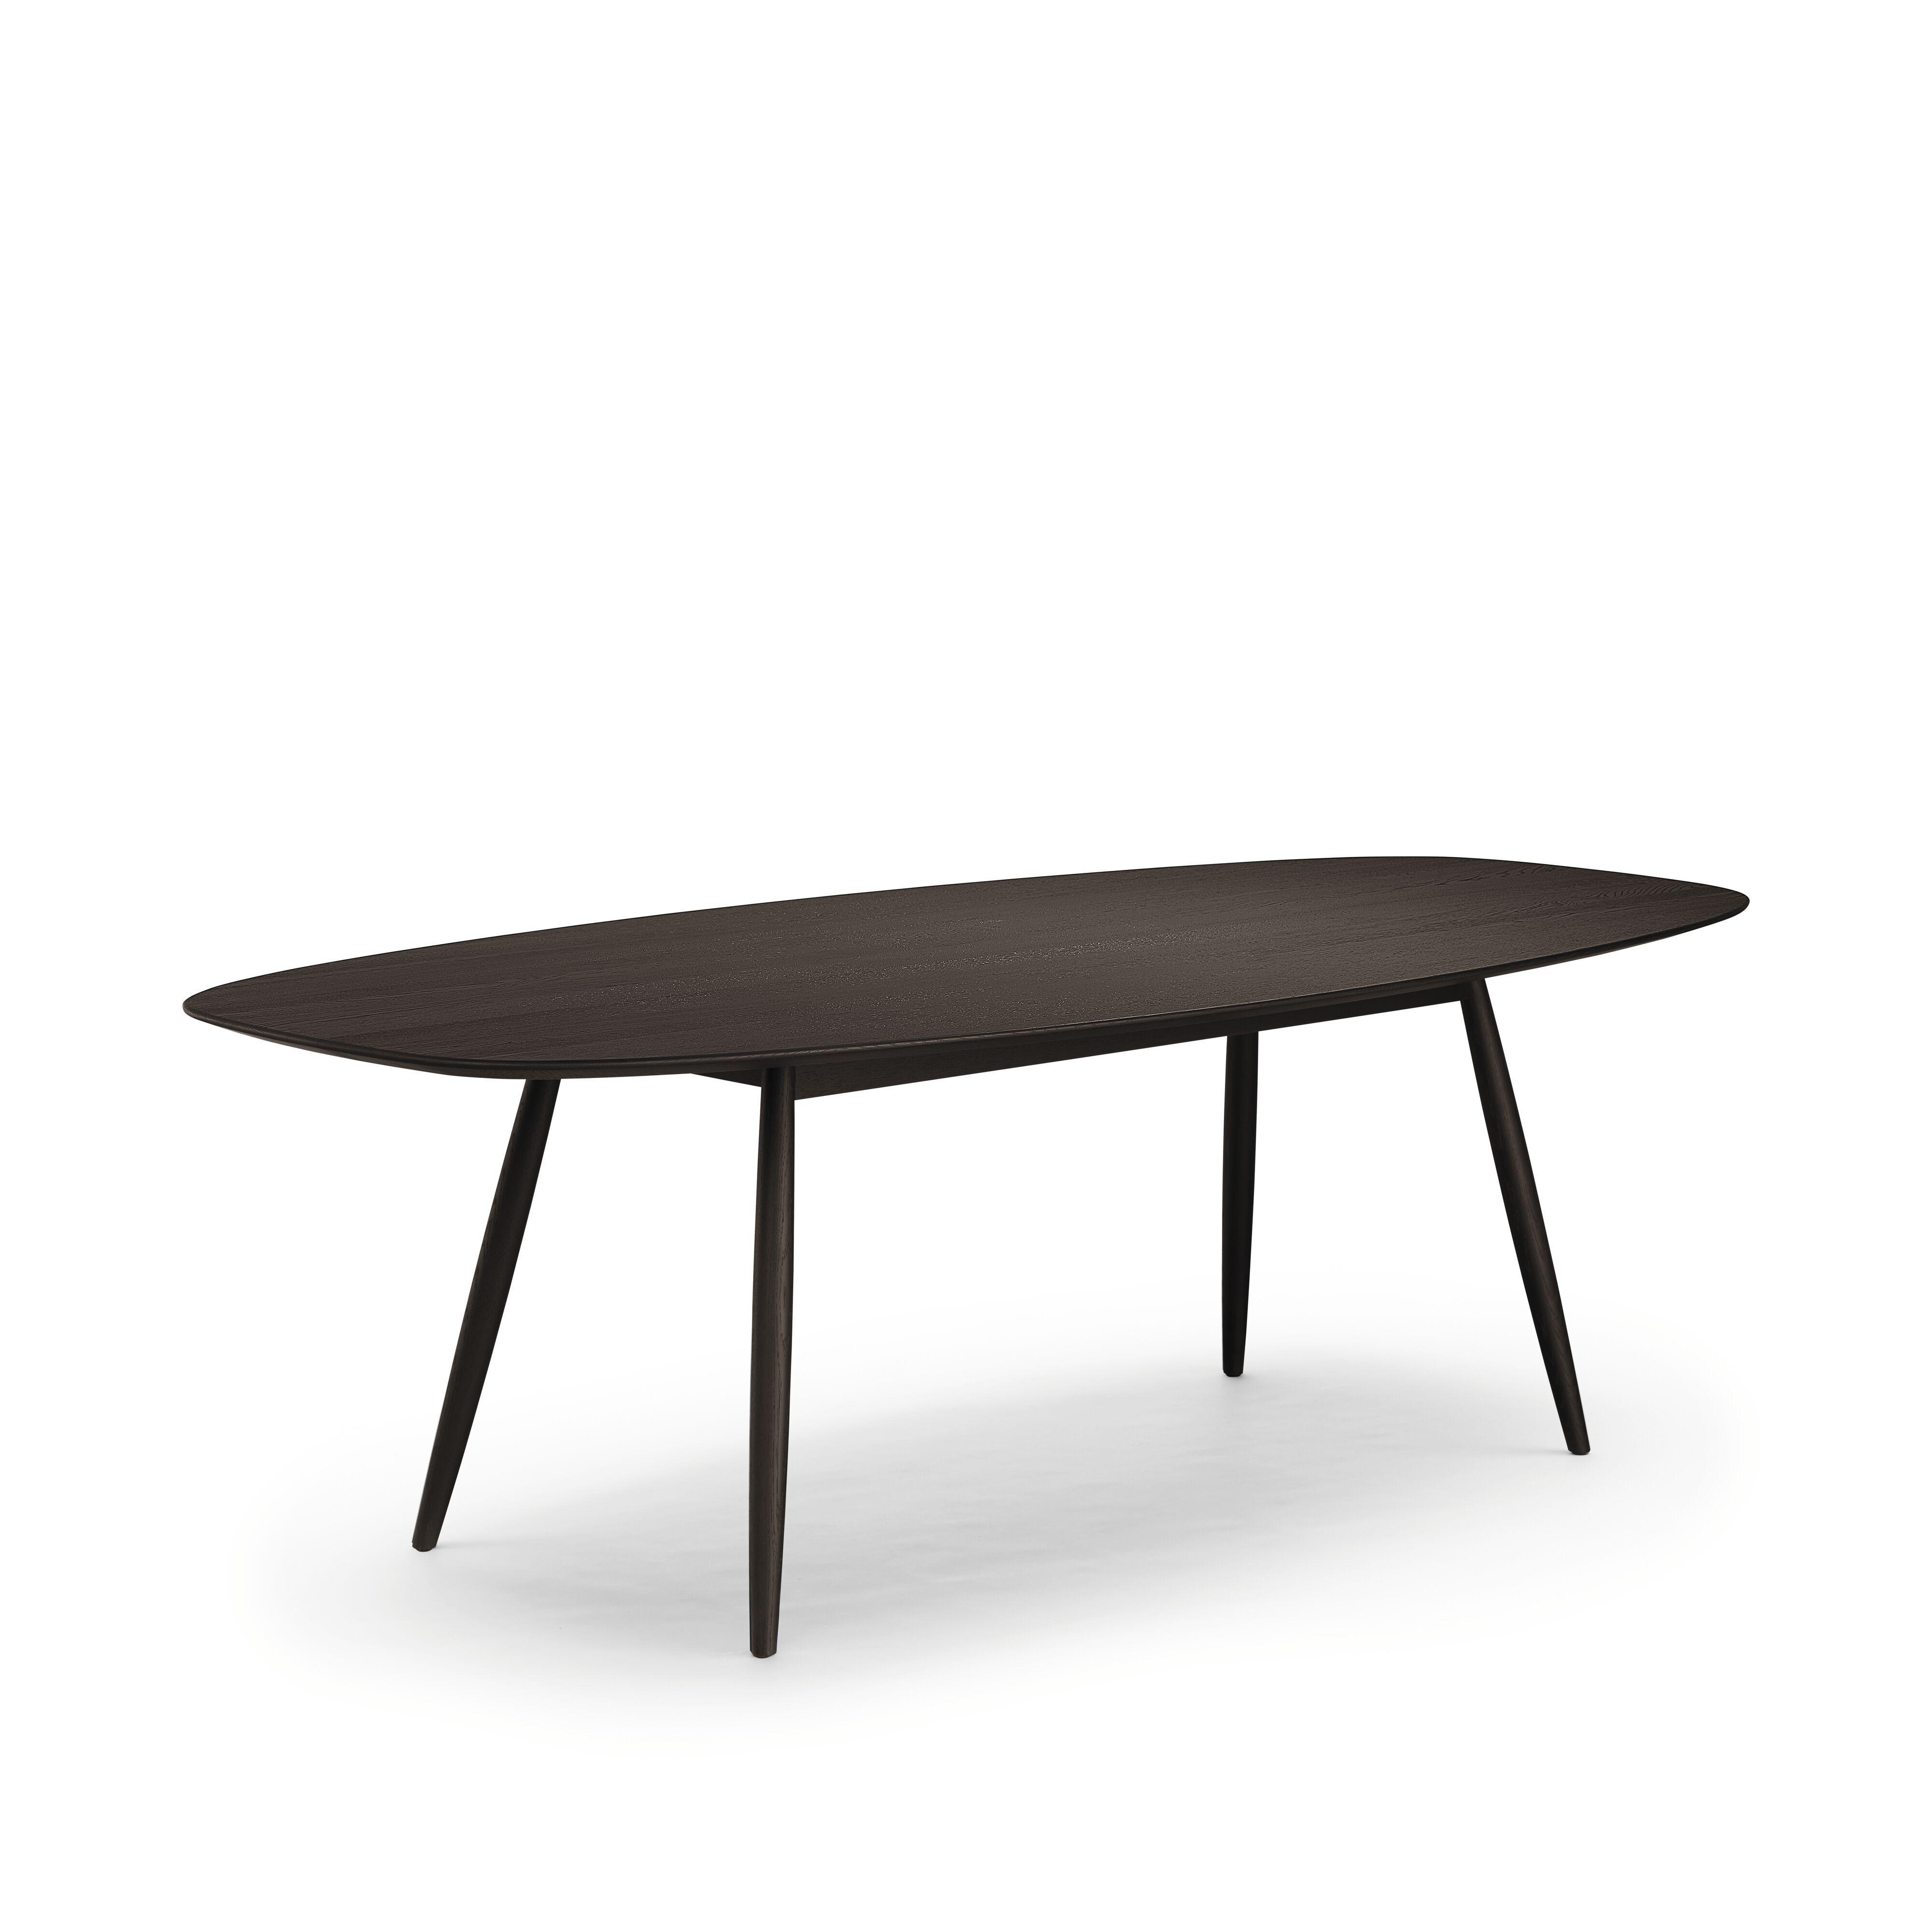 05-WK-Moualla_Table-0008-H.tif